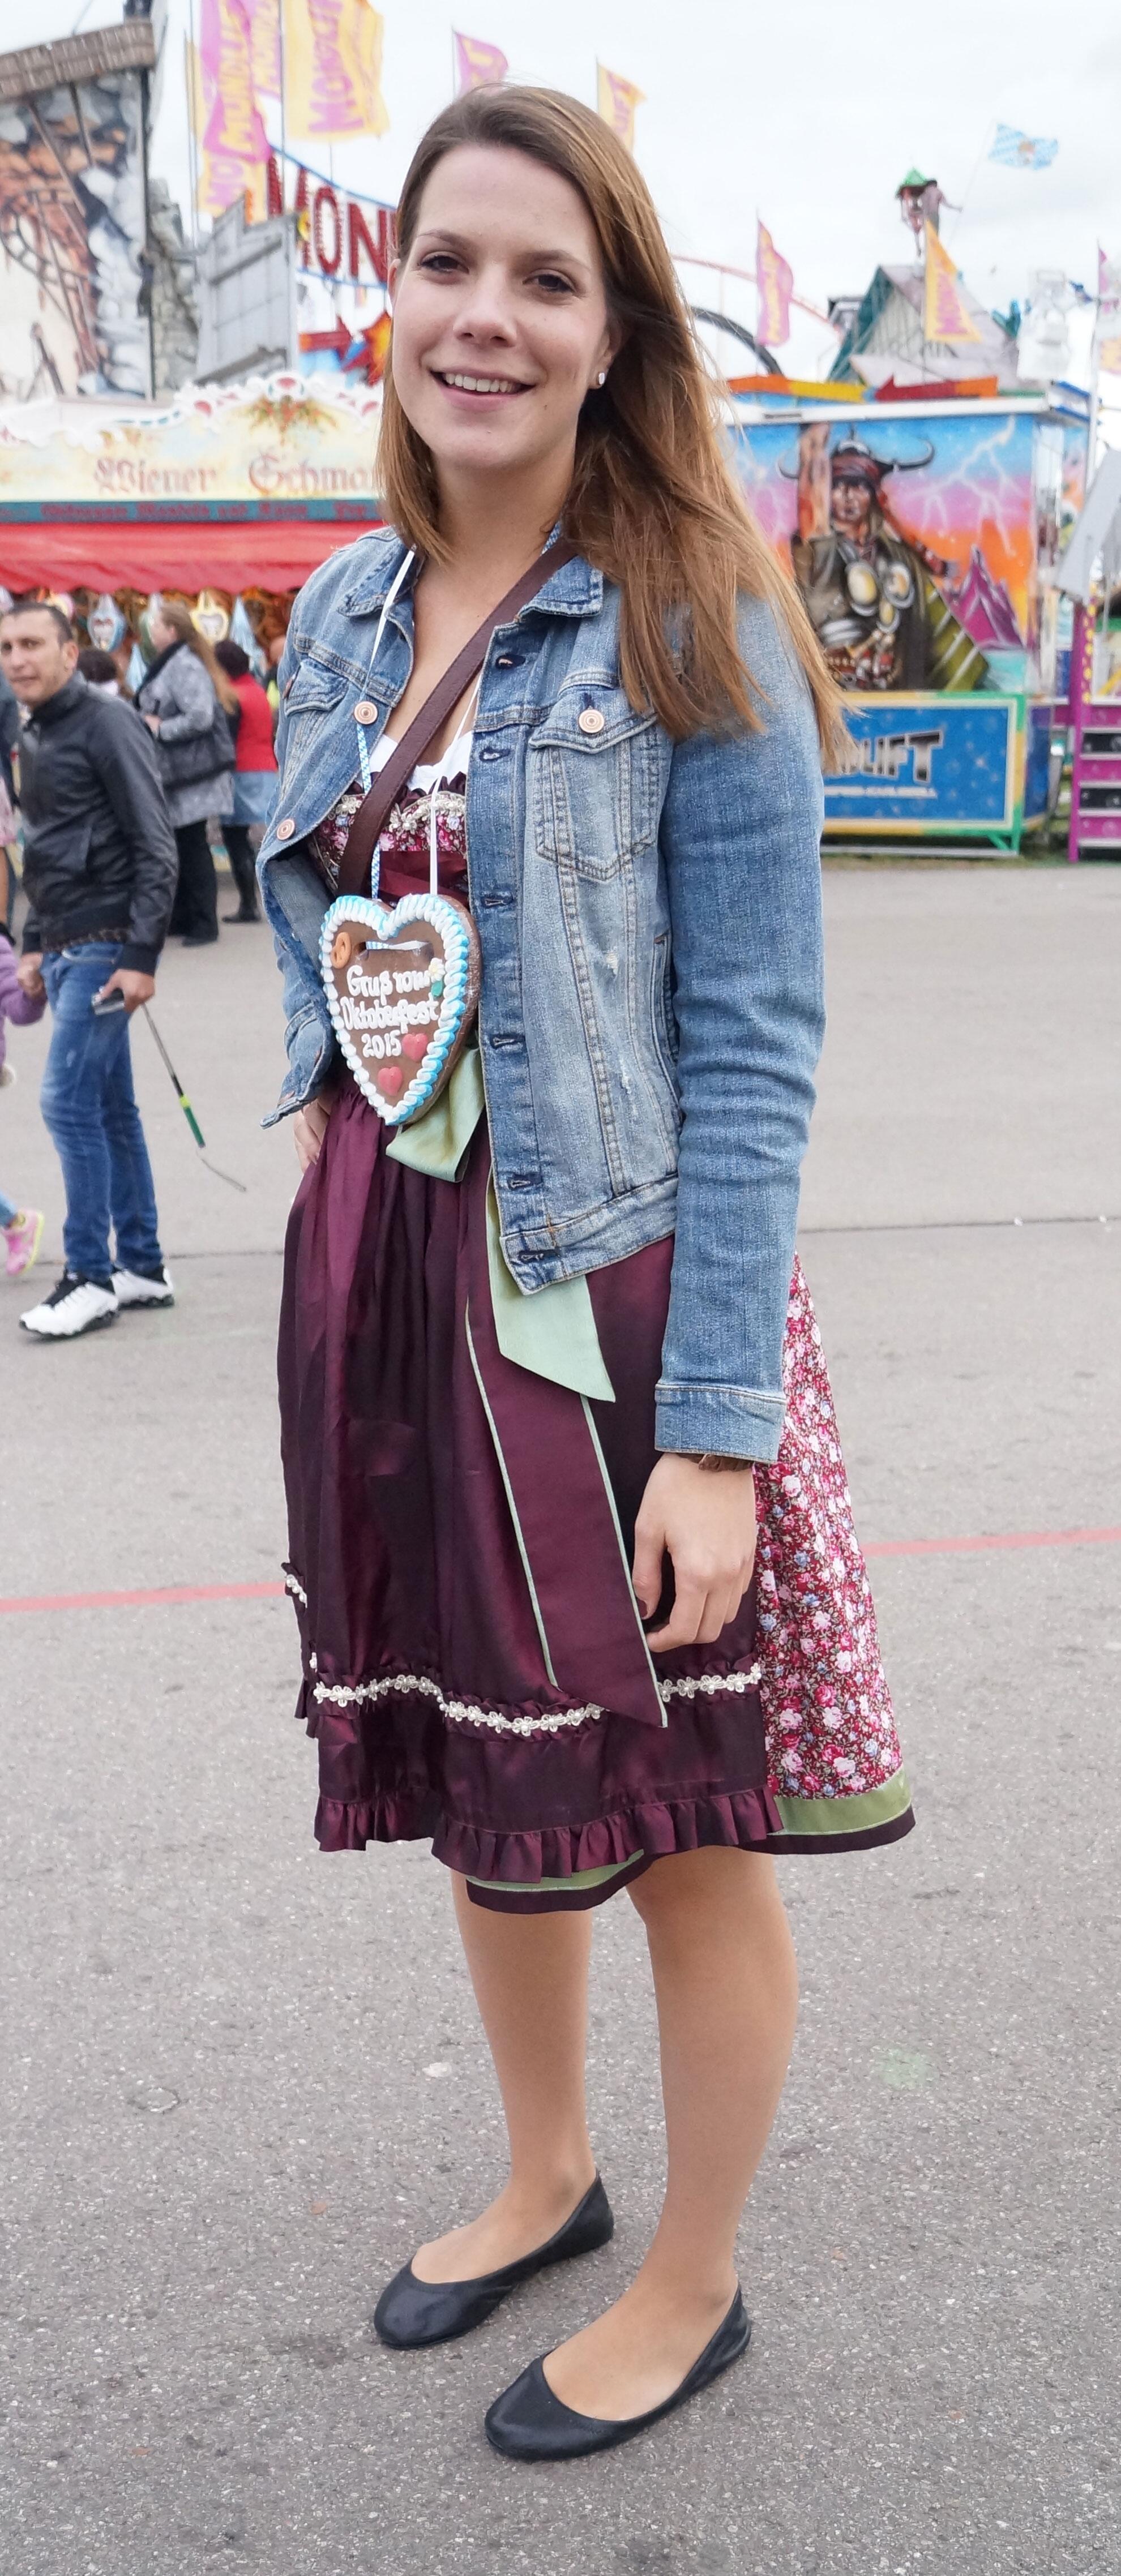 Sie sucht ihn wolfenbüttel